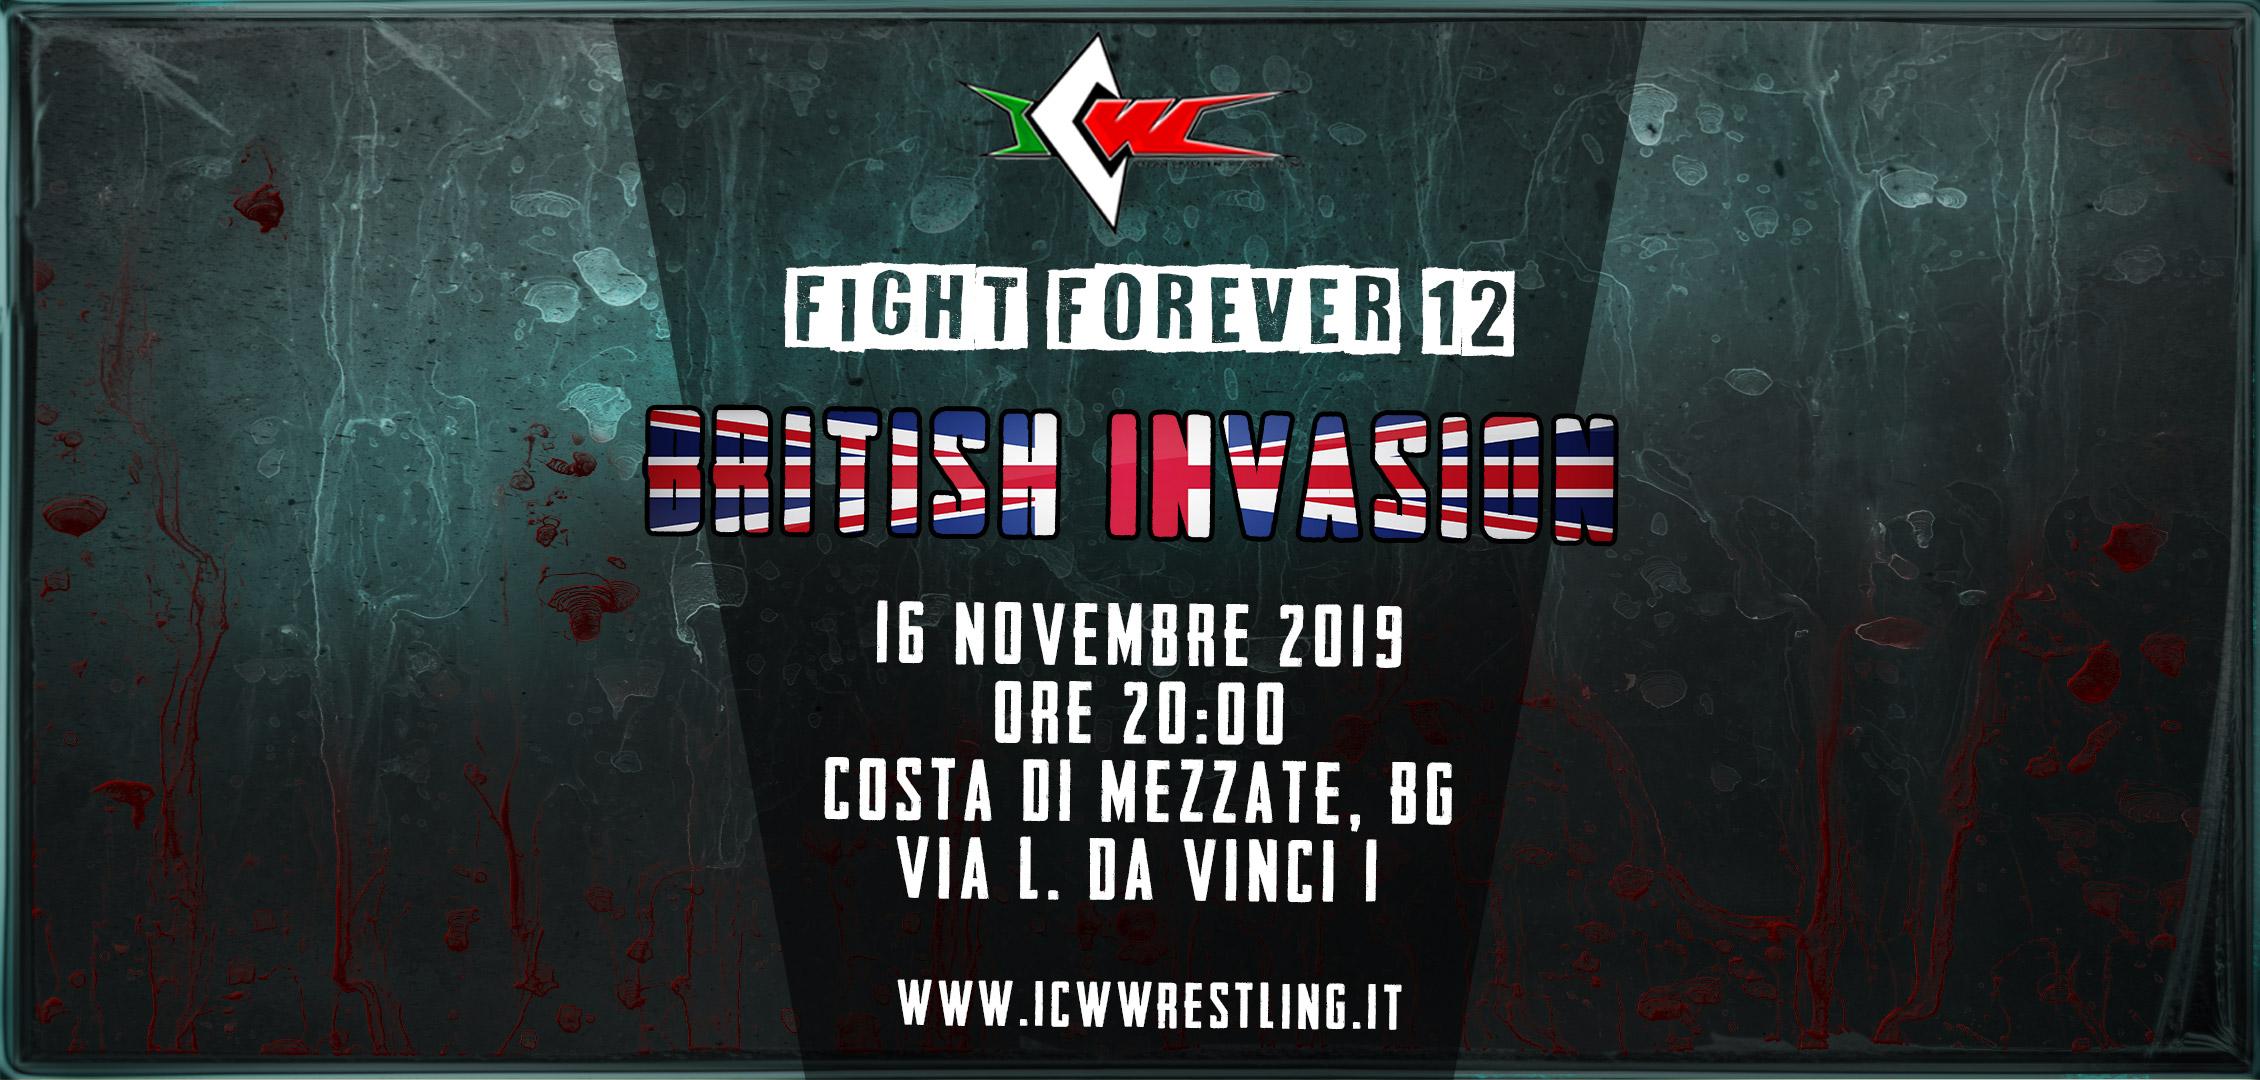 Grandi ritorni, sorprese, tradimenti: è successo di tutto a ICW Fight Forever #12: British Invasion!